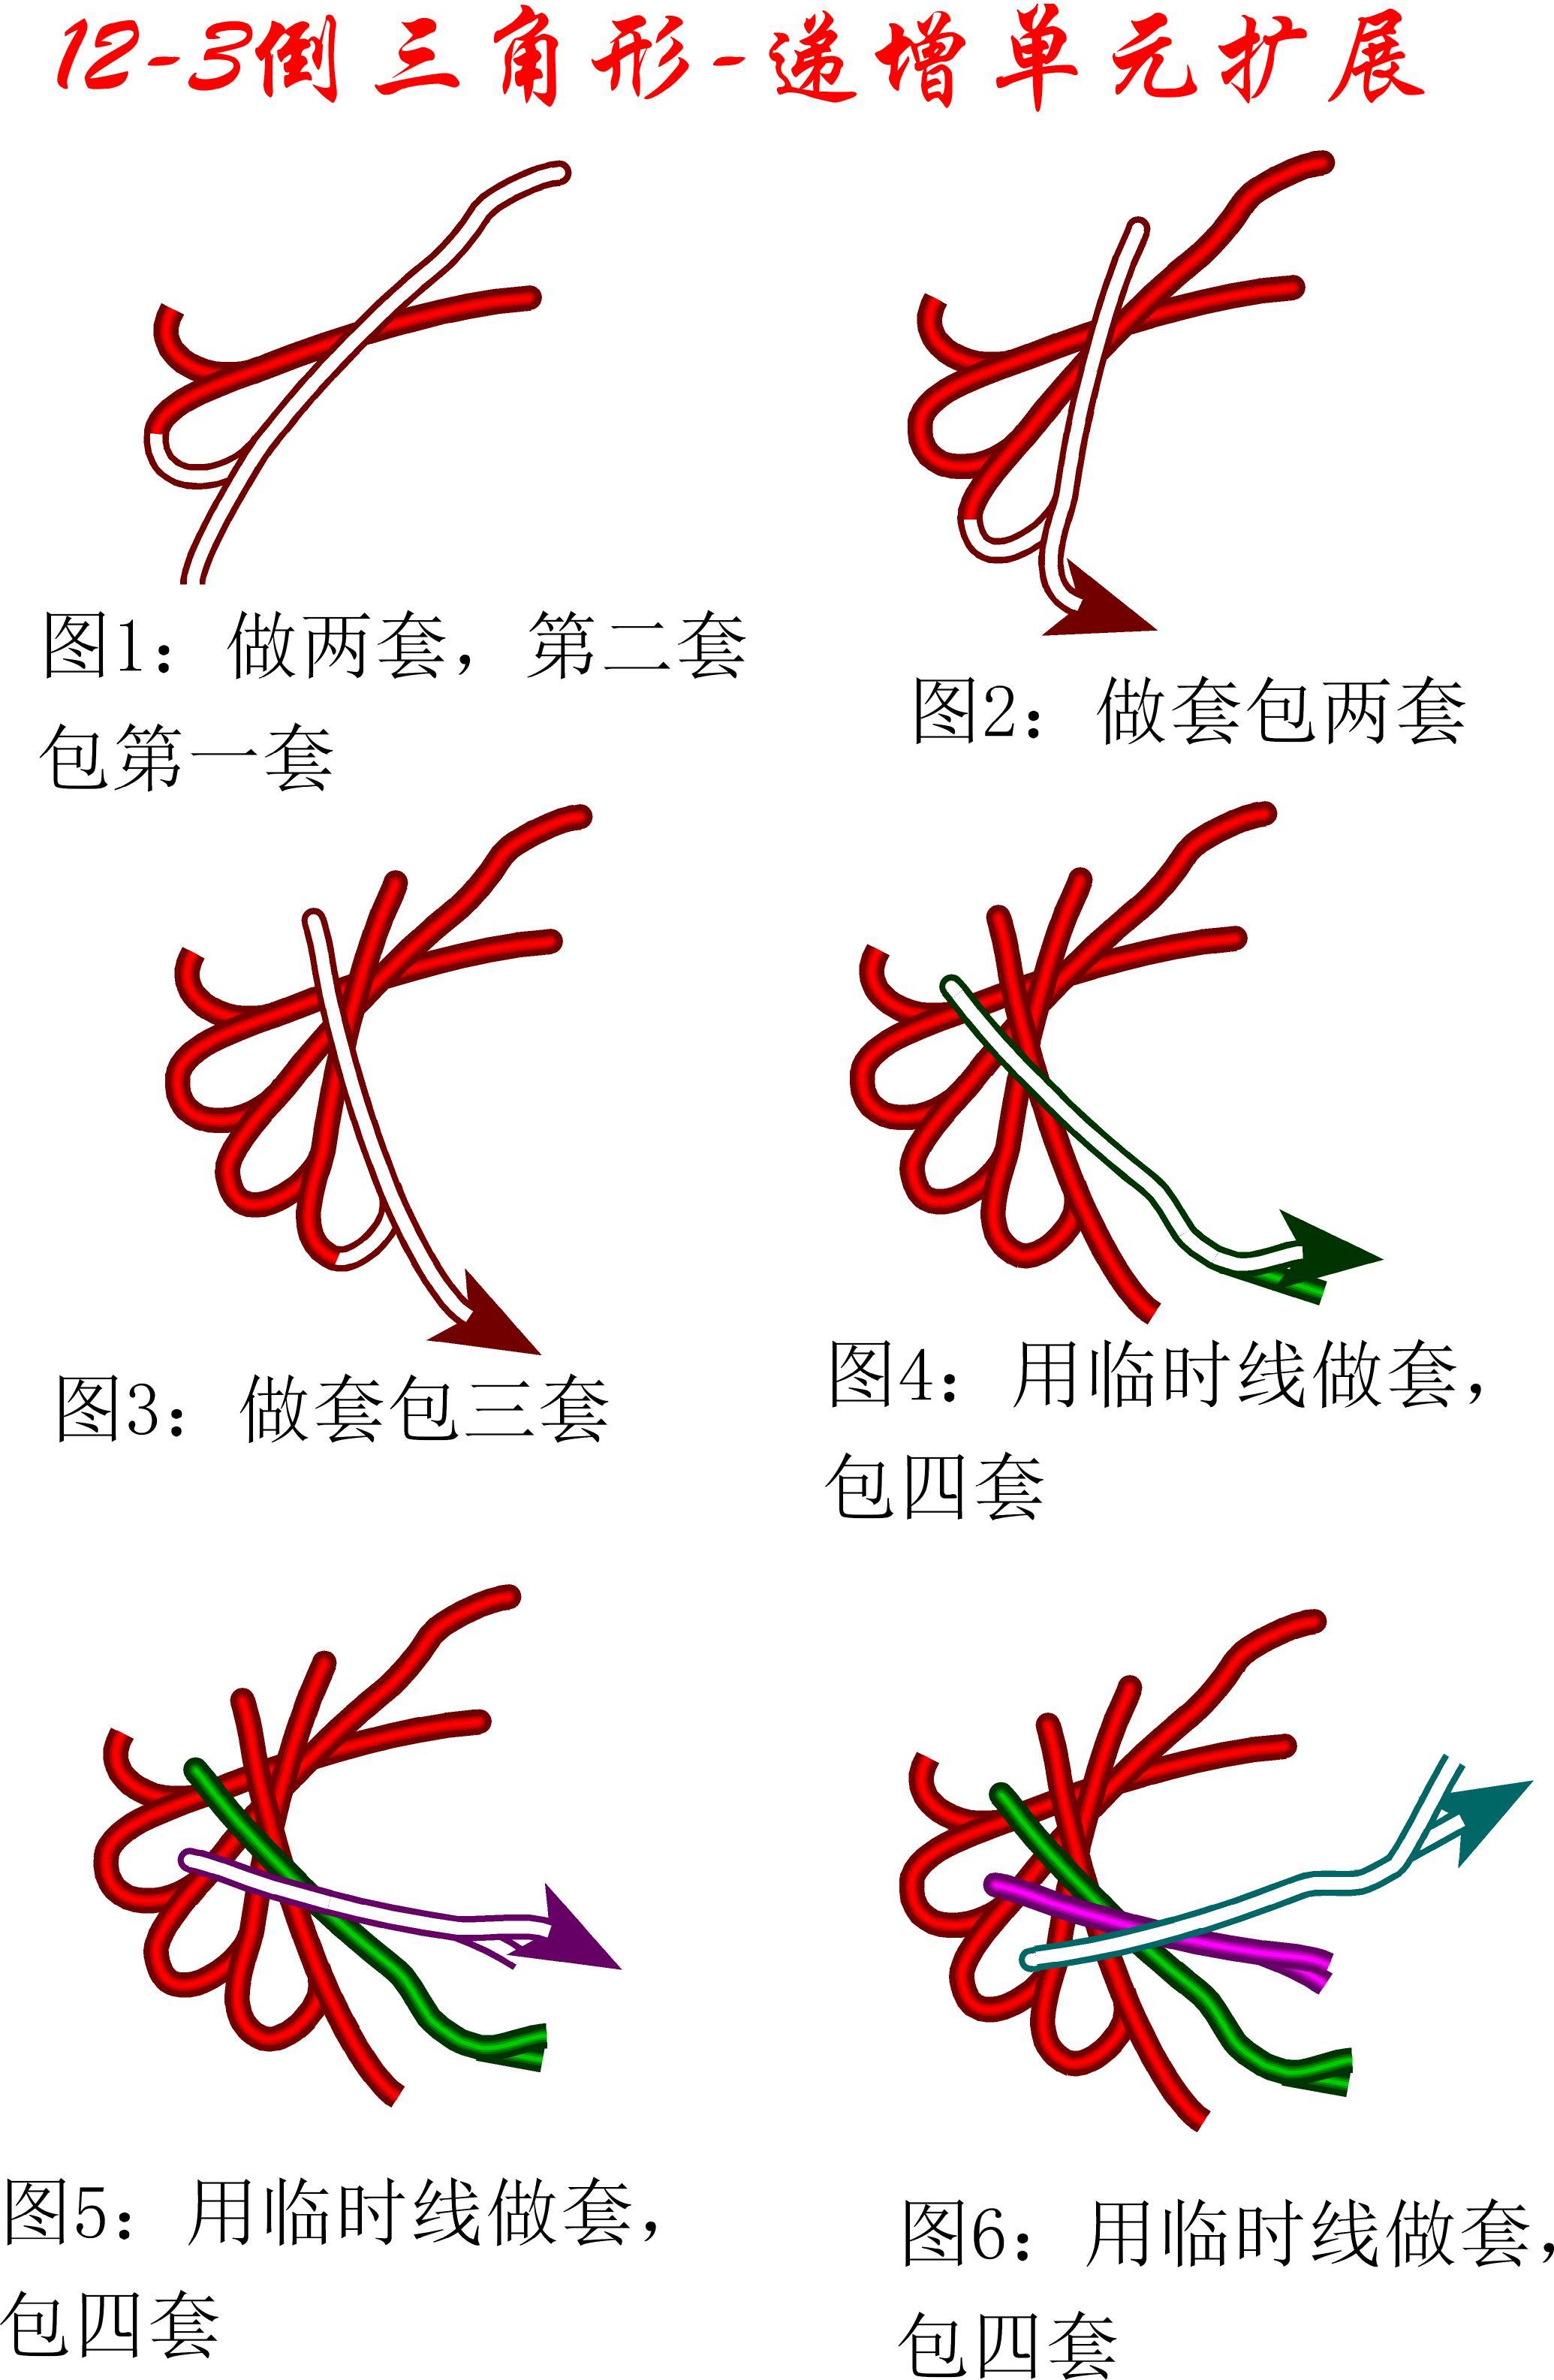 中国结论坛 12-3盘长增加单元扩展方法--倒三角盘长徒手教程 有可用空间无法扩展卷,不小心转换成动态磁盘,教程,扩展单元扩展模块区别,时钟扩展单元 丑丑徒手编结 134802tcr5yrrcc1tjwj6k